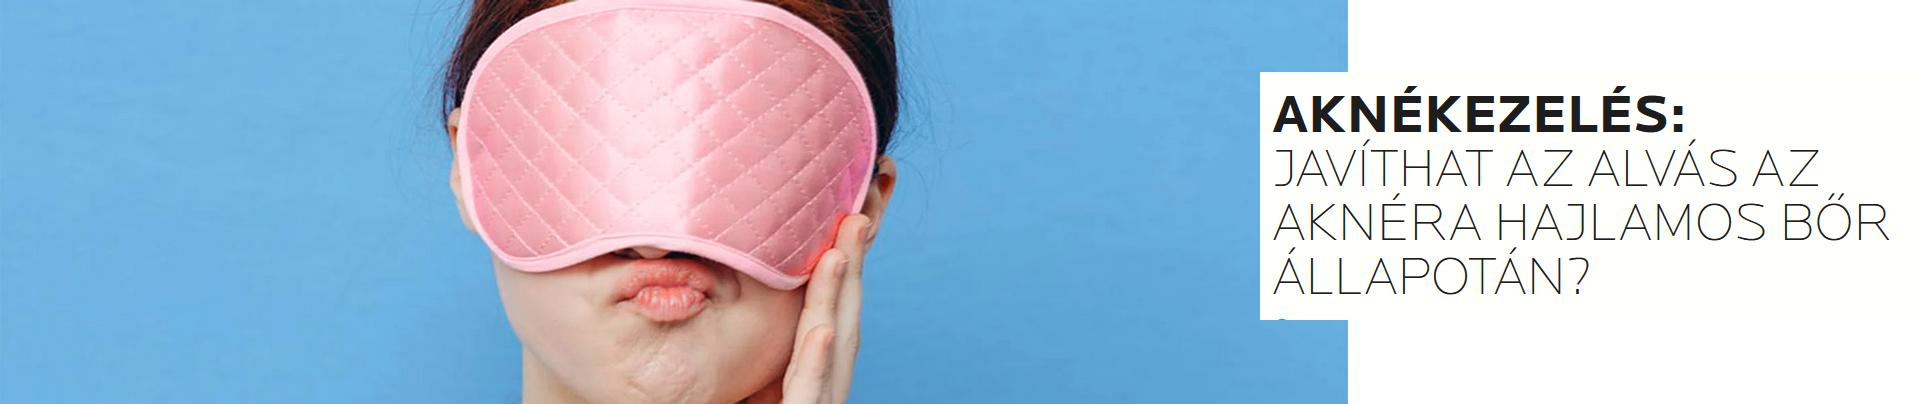 Aknékezelés: javíthat az alvás az aknéra hajlamos bőr állapotán?